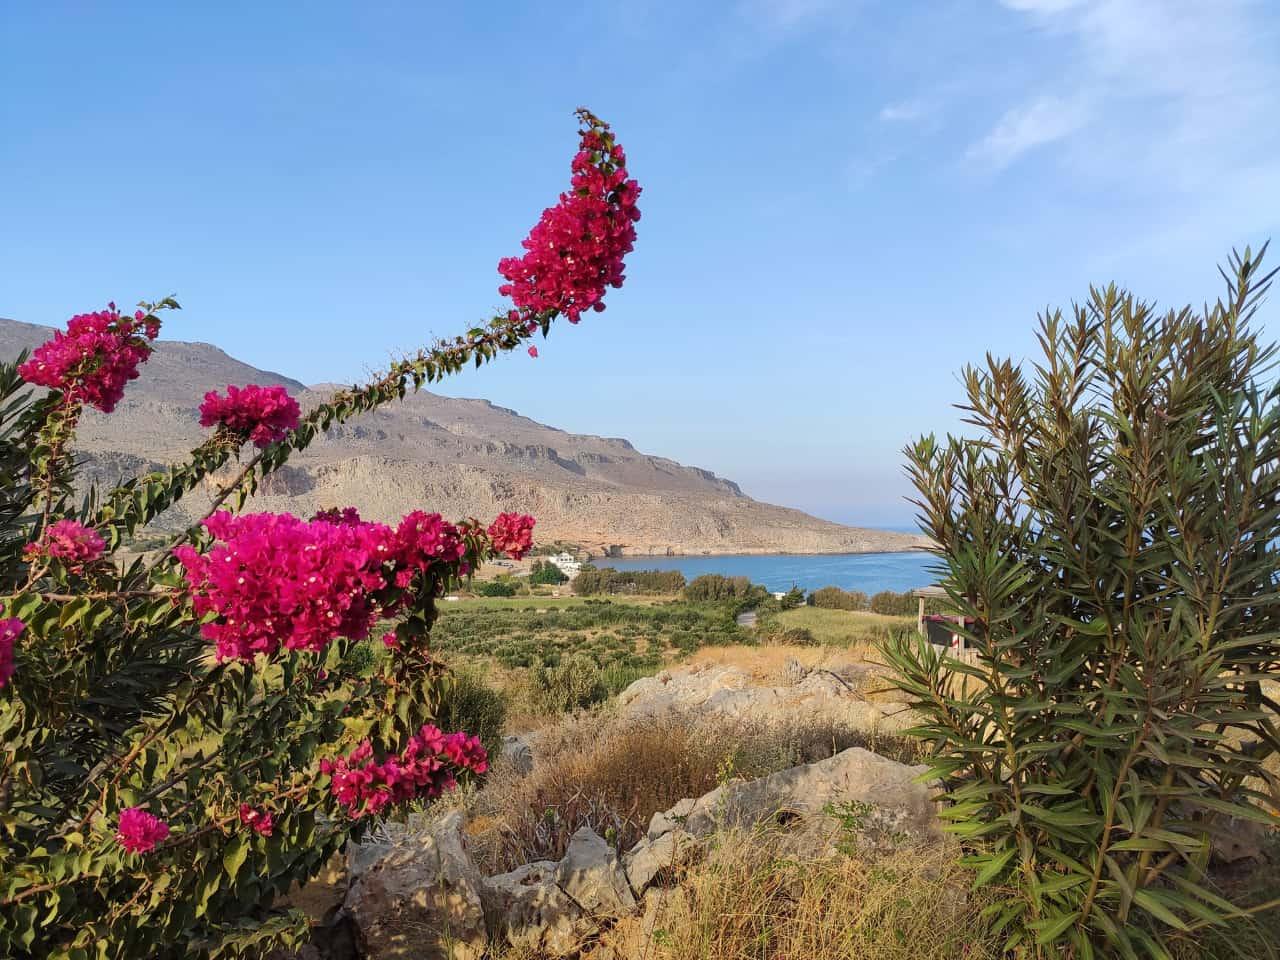 Kato Zakros hidden gem in lovely Crete